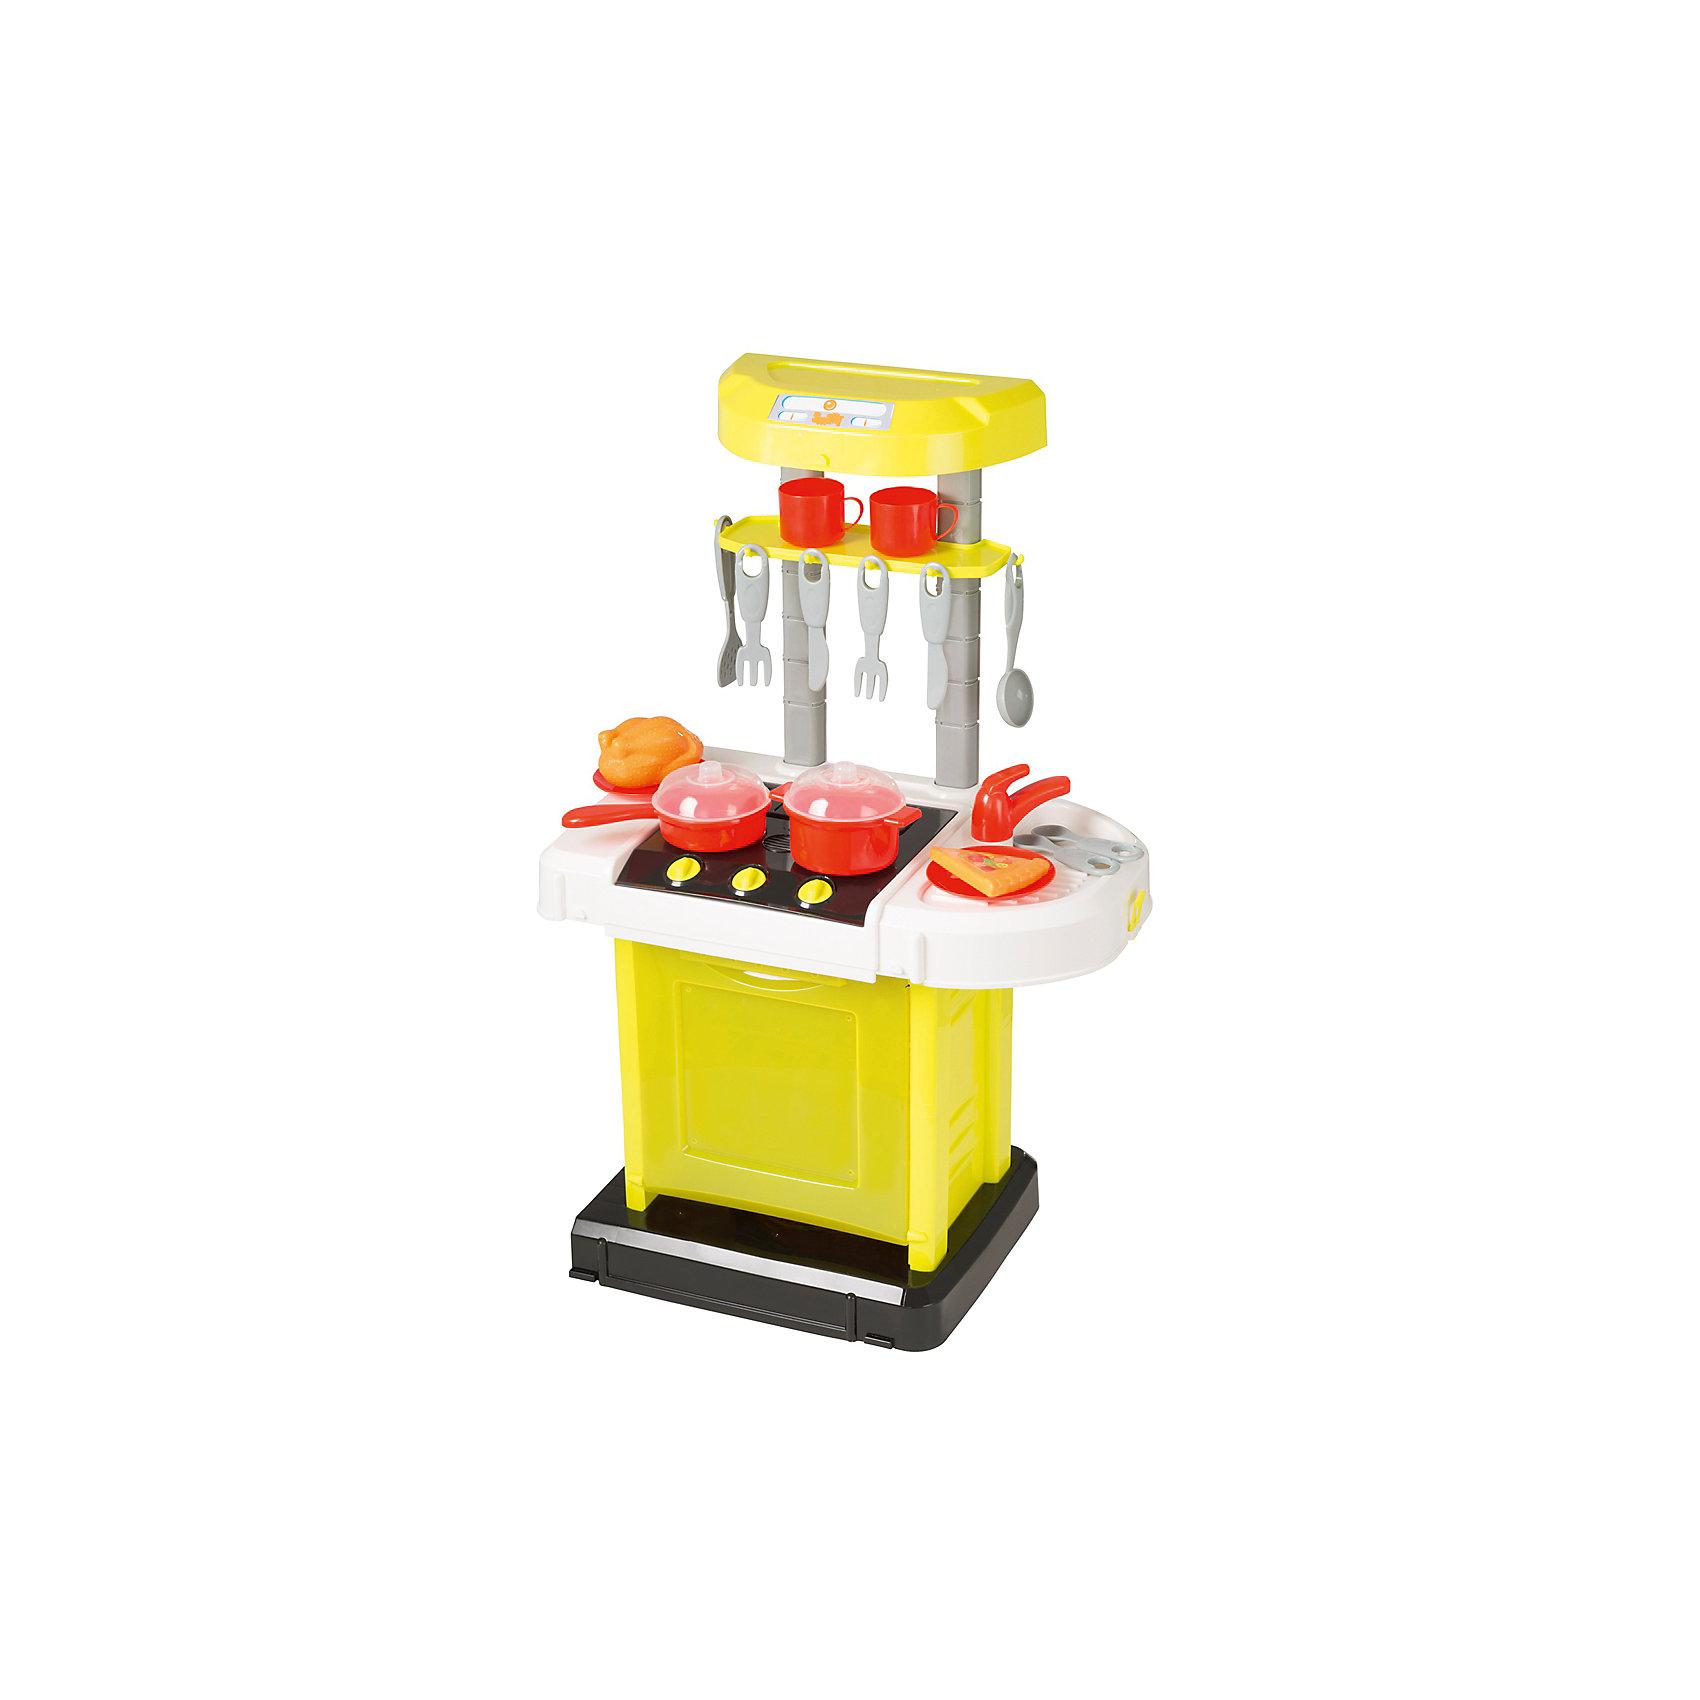 Электронная портативная кухня Smart, HTIДетские кухни<br>Характеристики товара:<br><br>• Материал: пластик<br>• Возраст: от 3 лет<br>• Тип батареек: 3 х АА / LR6 1.5V (пальчиковые)<br>• Наличие батареек: не входят в комплект<br>• Высота кухни: 65 см<br>• Размер кухни 65х41,5х24,8 см<br>• Размер упаковки 48х31х10 см<br>• Вес упаковки 2 кг<br>• Страна бренда: Великобритания<br>• Страна производитель: Китай<br><br>Электронная портативная кухня Smart HTI — детская кухня для юной хозяйки с варочной панелью и набором посуды. Она познакомит девочку с устройством бытовых приборов и позволит попробовать себя настоящим поваром и приготовить вкусные блюда. Игрушка оснащена световыми и звуковыми эффектами, делая игру реалистичней. Во время приготовления горят конфорки, слышны звуки масла на сковороде и кипящего бульона. Все столовые приборы повешены на крючки. После приготовления посуду можно помыть в раковине.<br><br>Кухня изготовлена из качественного пластика. Для работы звуковых и световых эффектов требуются 3 батарейки АА (в комплект не входят). Складывается в чемодан для хранения, ее можно взять в гости к друзьям или в поездку на дачу. В наборе кухня, раковина, варочная панель, набор посуды, кастрюли, пицца, курица.<br><br>Электронную портативную кухню Smart HTI можно приобрести в нашем интернет-магазине.<br><br>Ширина мм: 870<br>Глубина мм: 260<br>Высота мм: 500<br>Вес г: 2000<br>Возраст от месяцев: 36<br>Возраст до месяцев: 2147483647<br>Пол: Унисекс<br>Возраст: Детский<br>SKU: 5514327